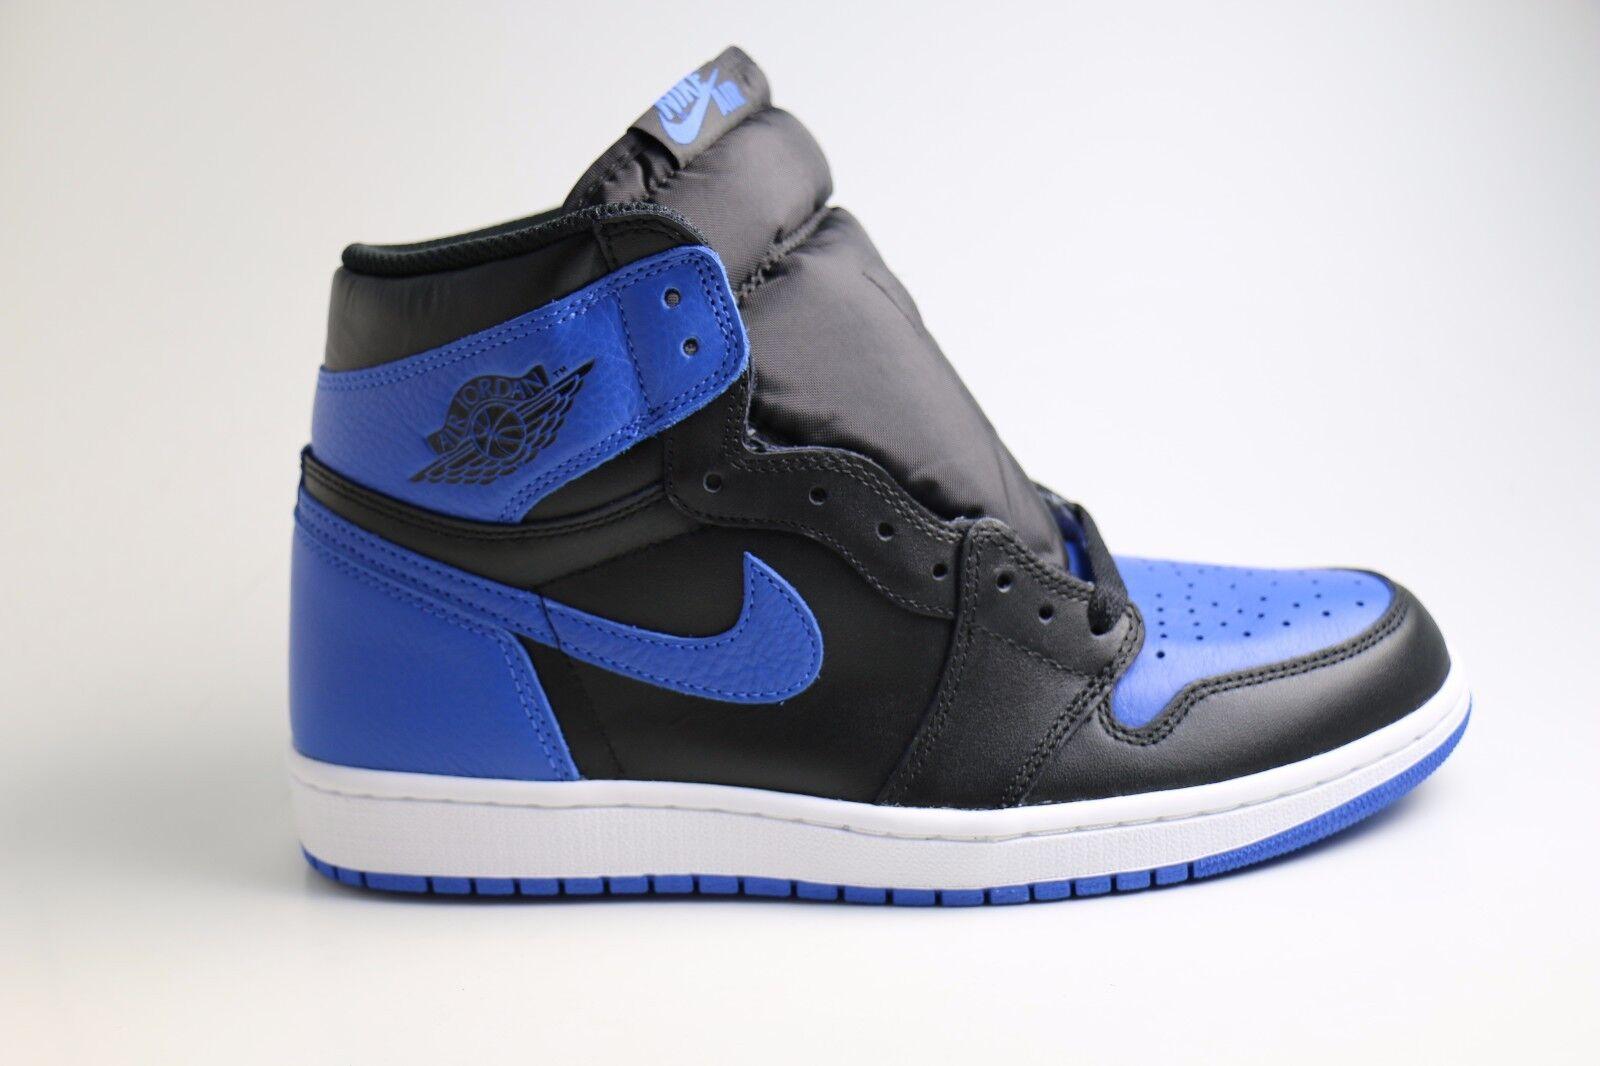 Nike Air Jordan 1 retro High OG 43 Negro Royal 41 42 43 OG 44,5 45 46 9 11 555088 007 794d91